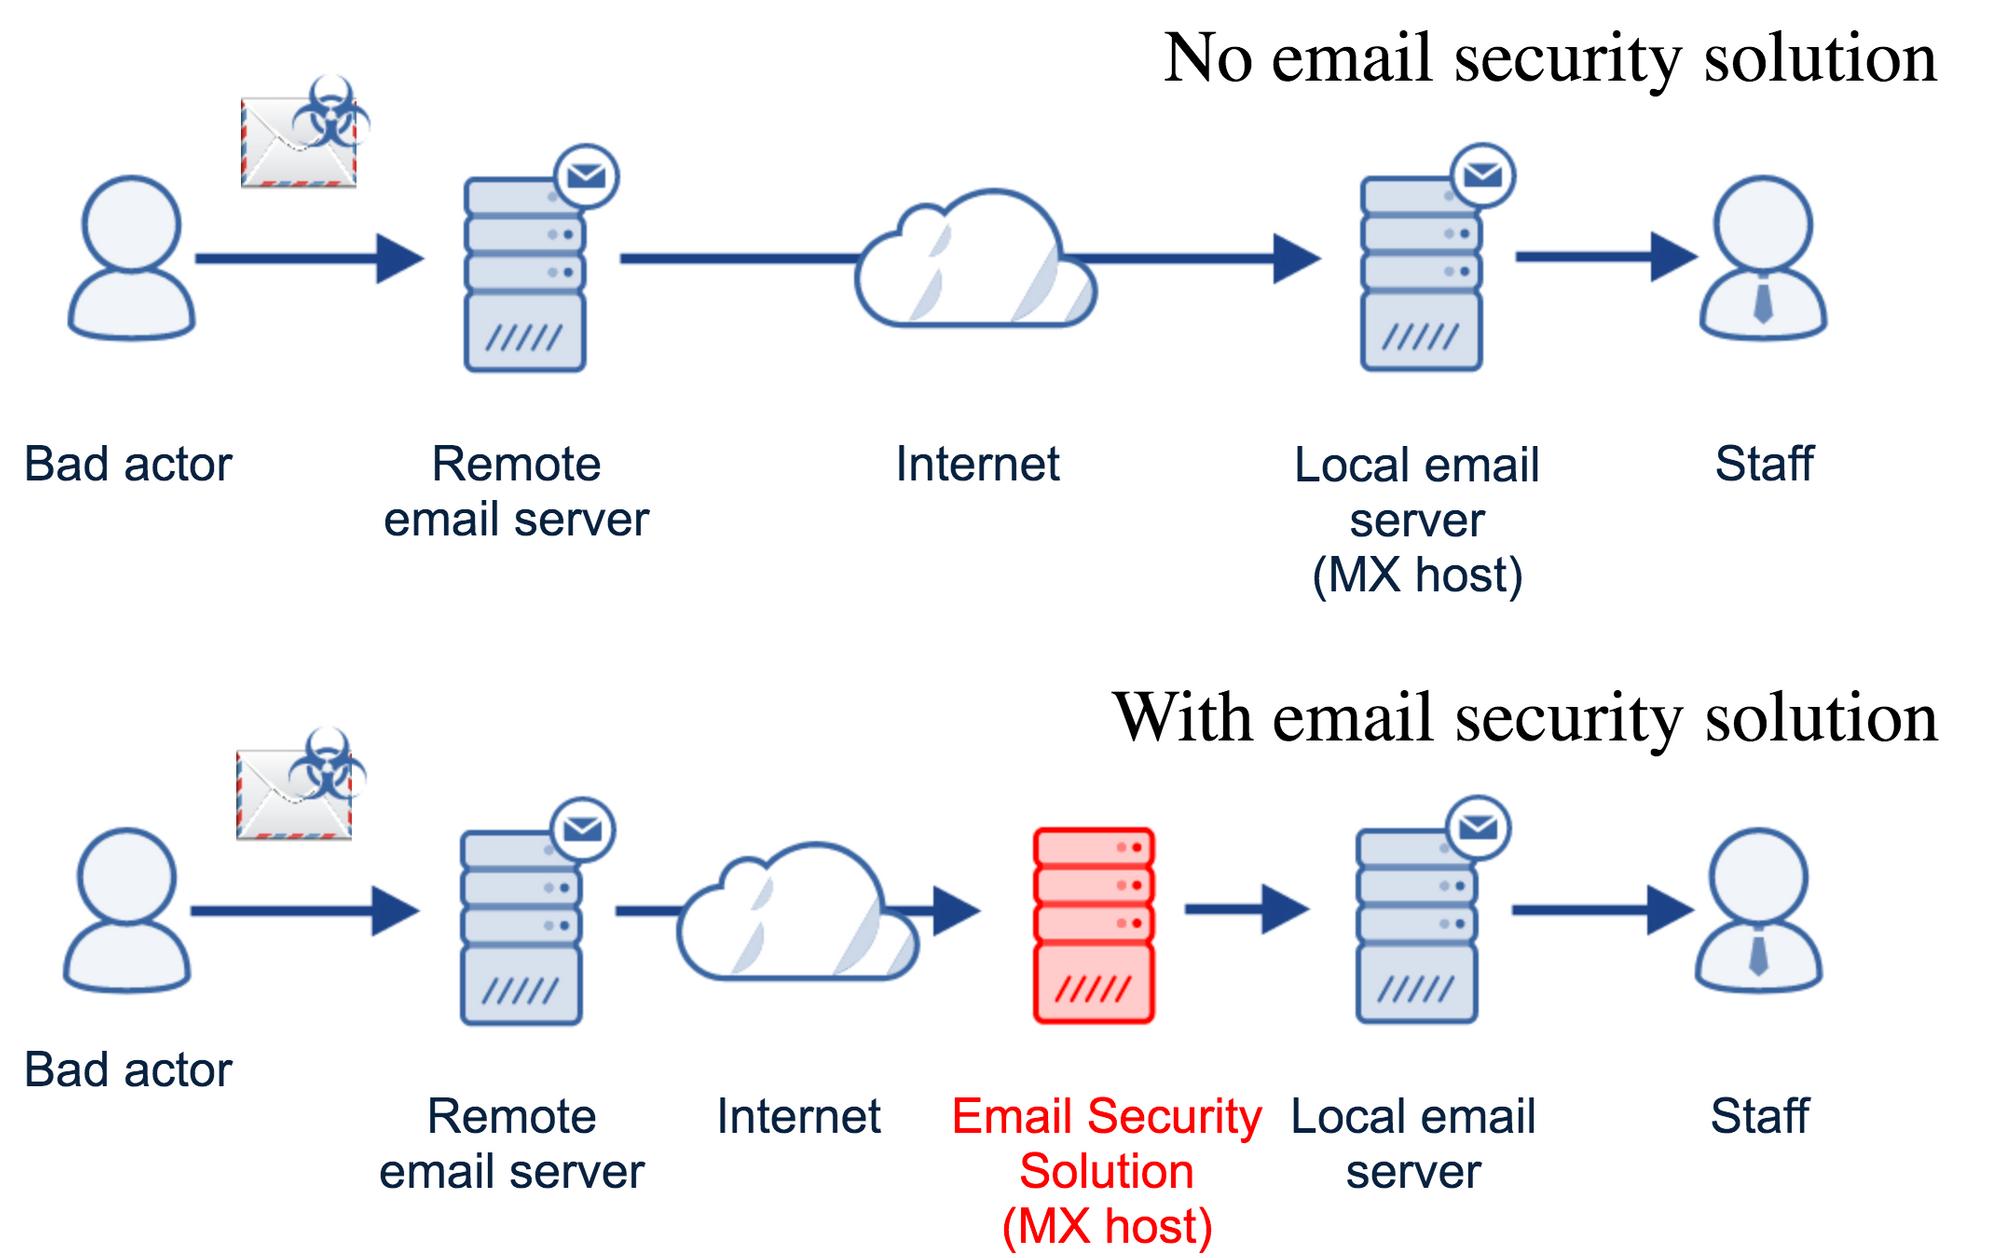 Comprar Codebreaker de Message control en España con Antimalwares